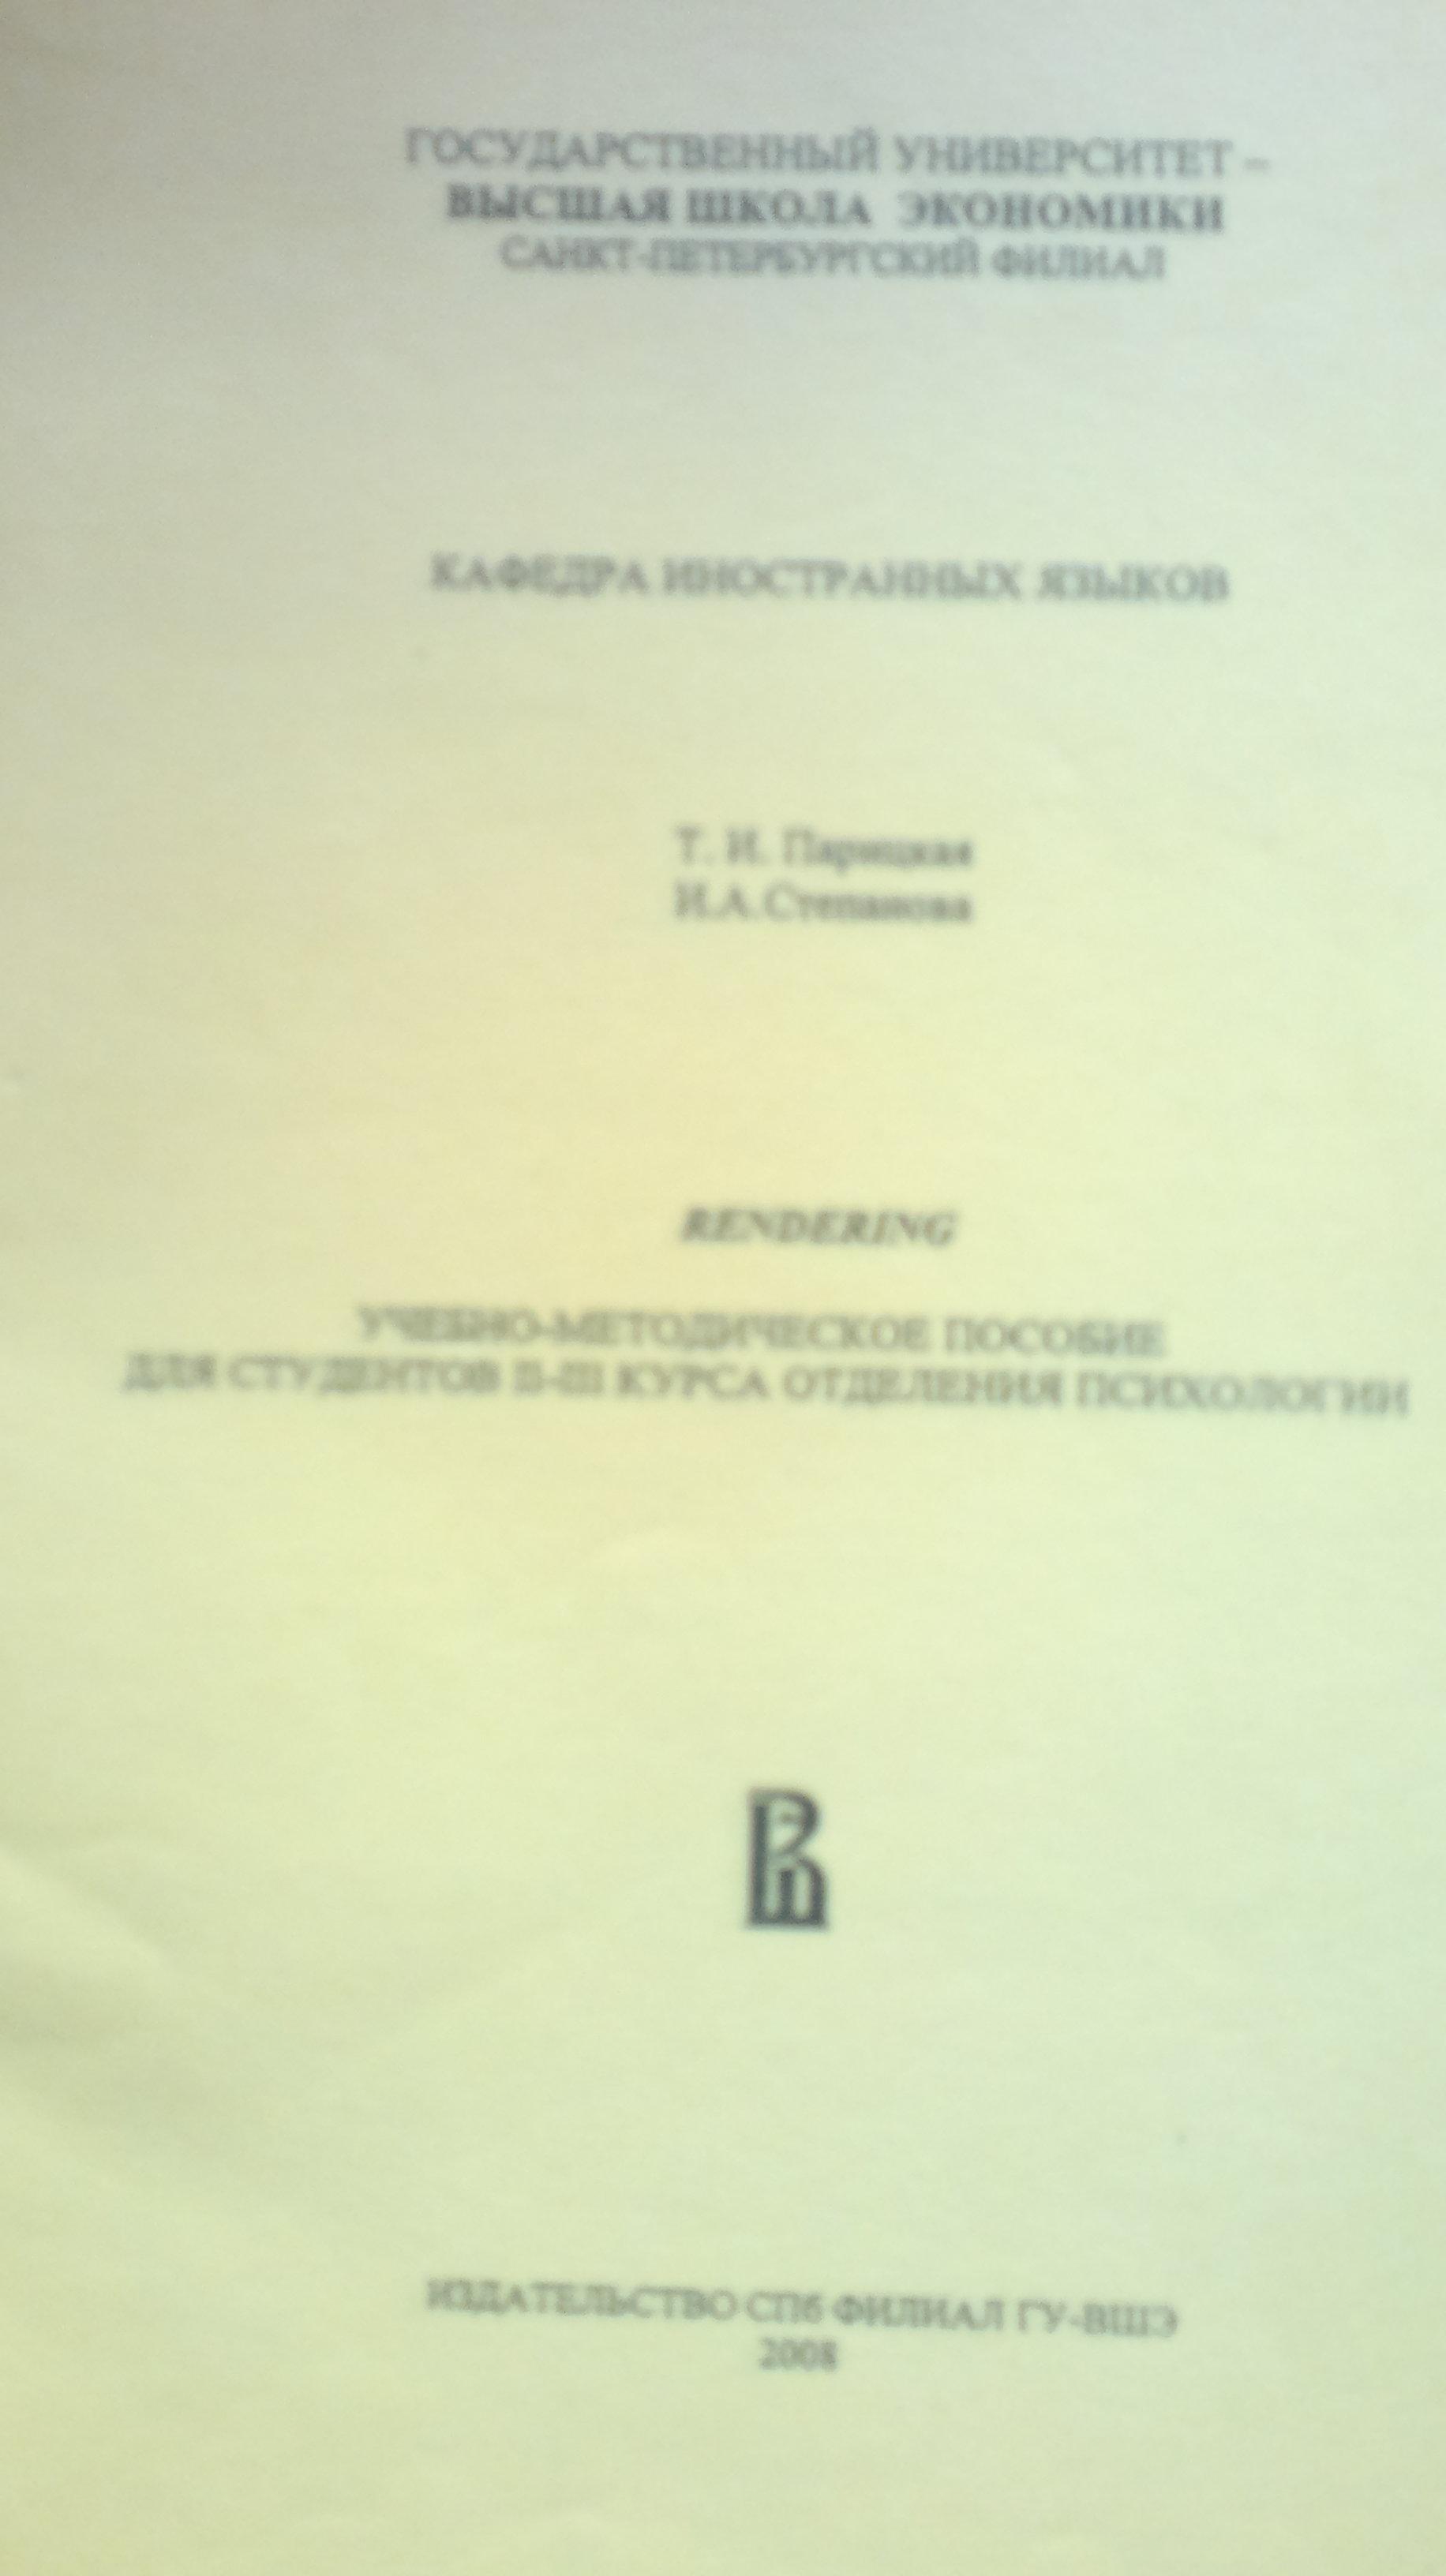 Rendering. Учебно-методическое пособие по английскому языку для студентов 2-3 курсов отделения психологии.